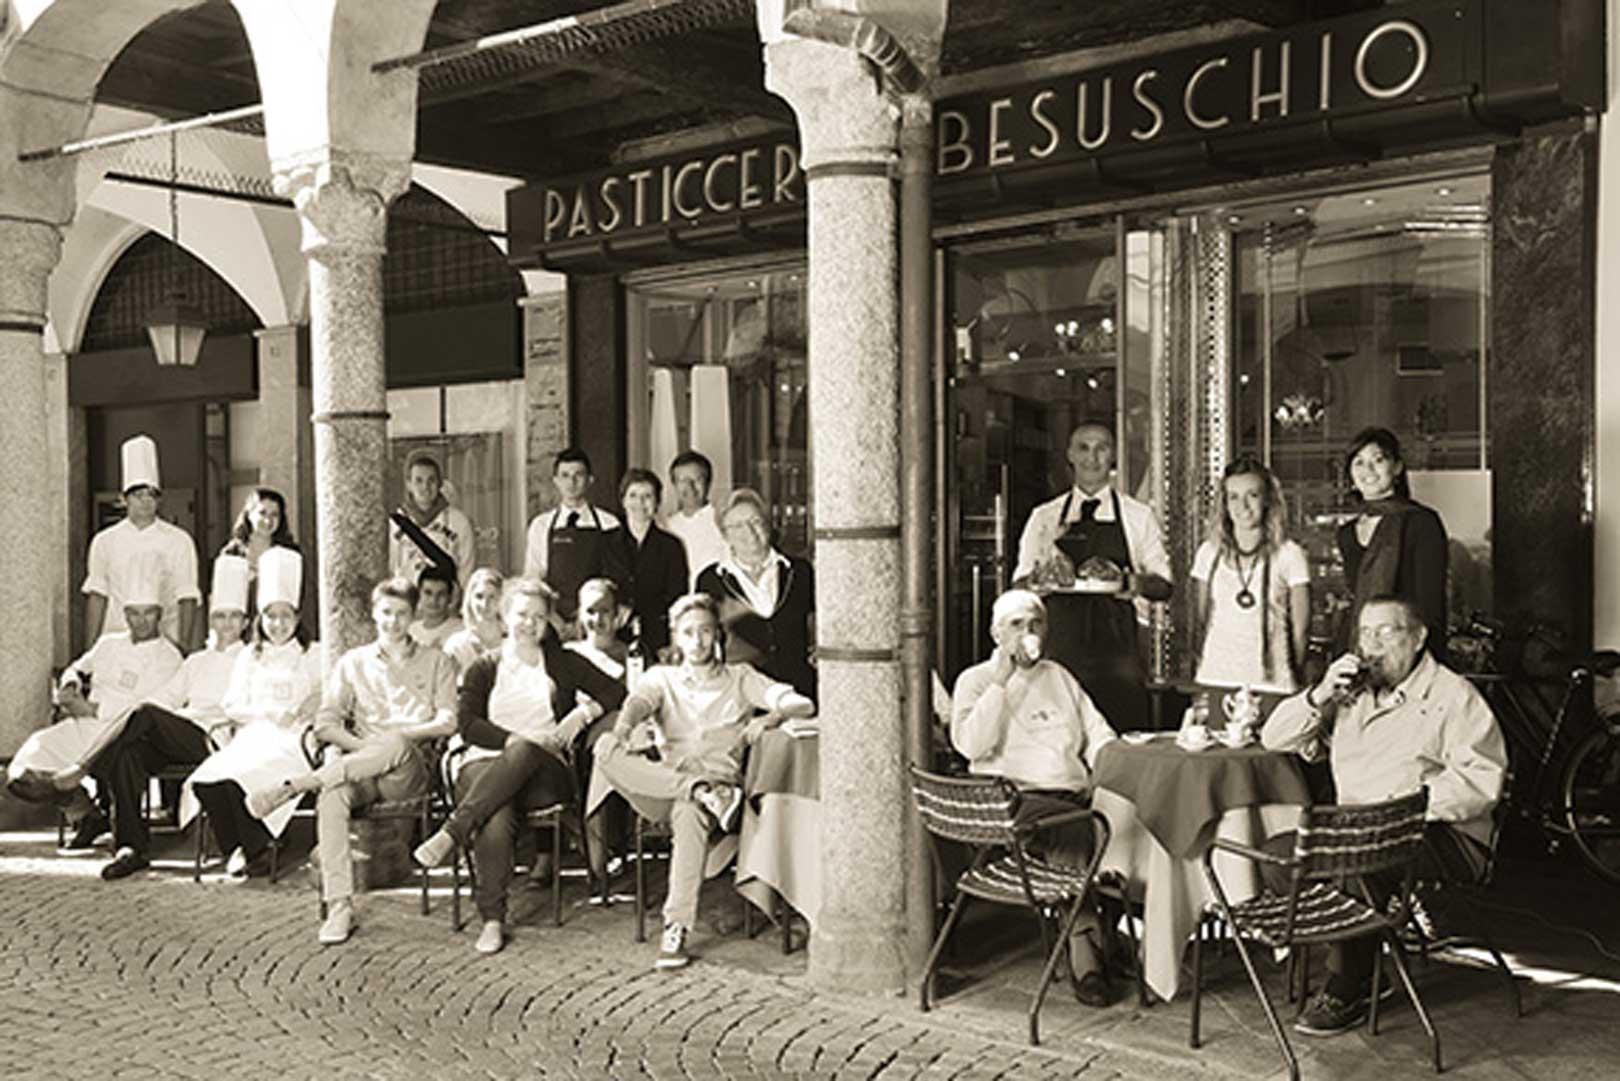 pasticceria-besuschio-storica